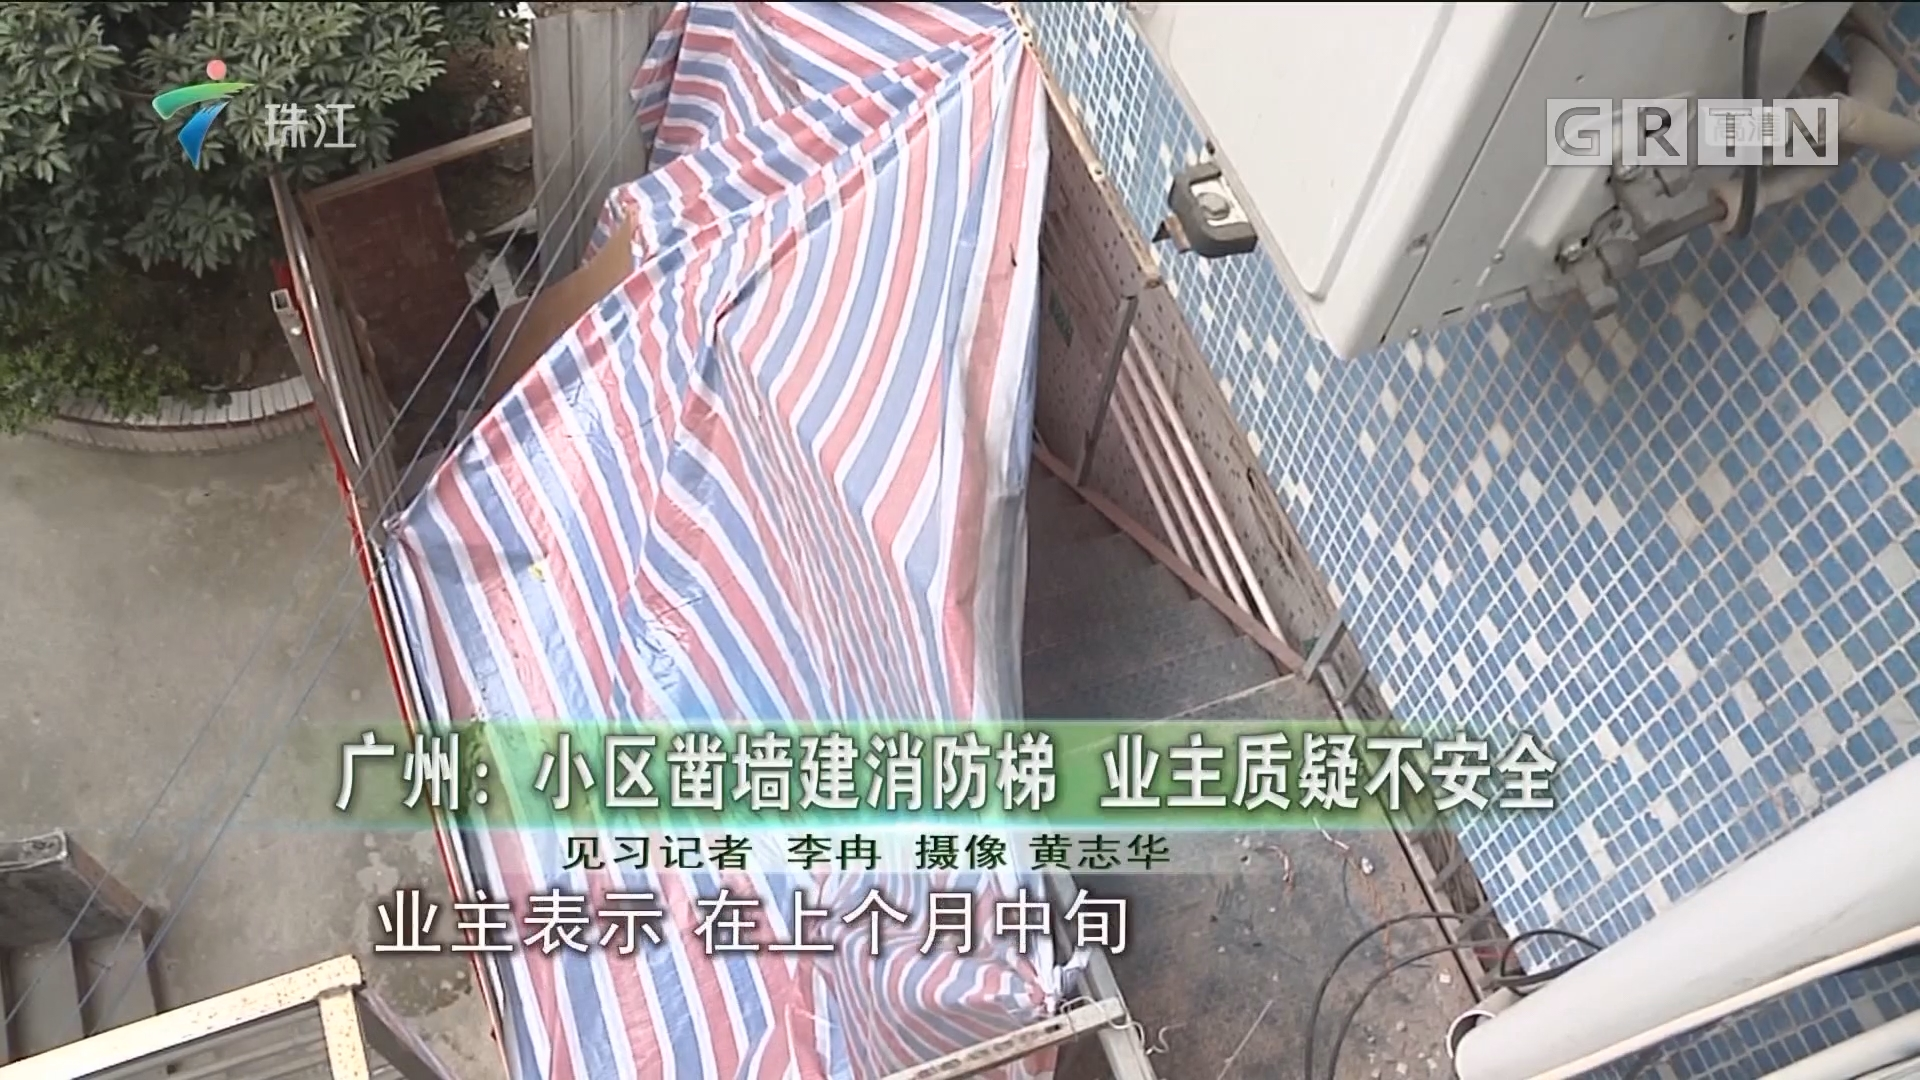 广州:小区凿墙建消防梯 业主质疑不安全